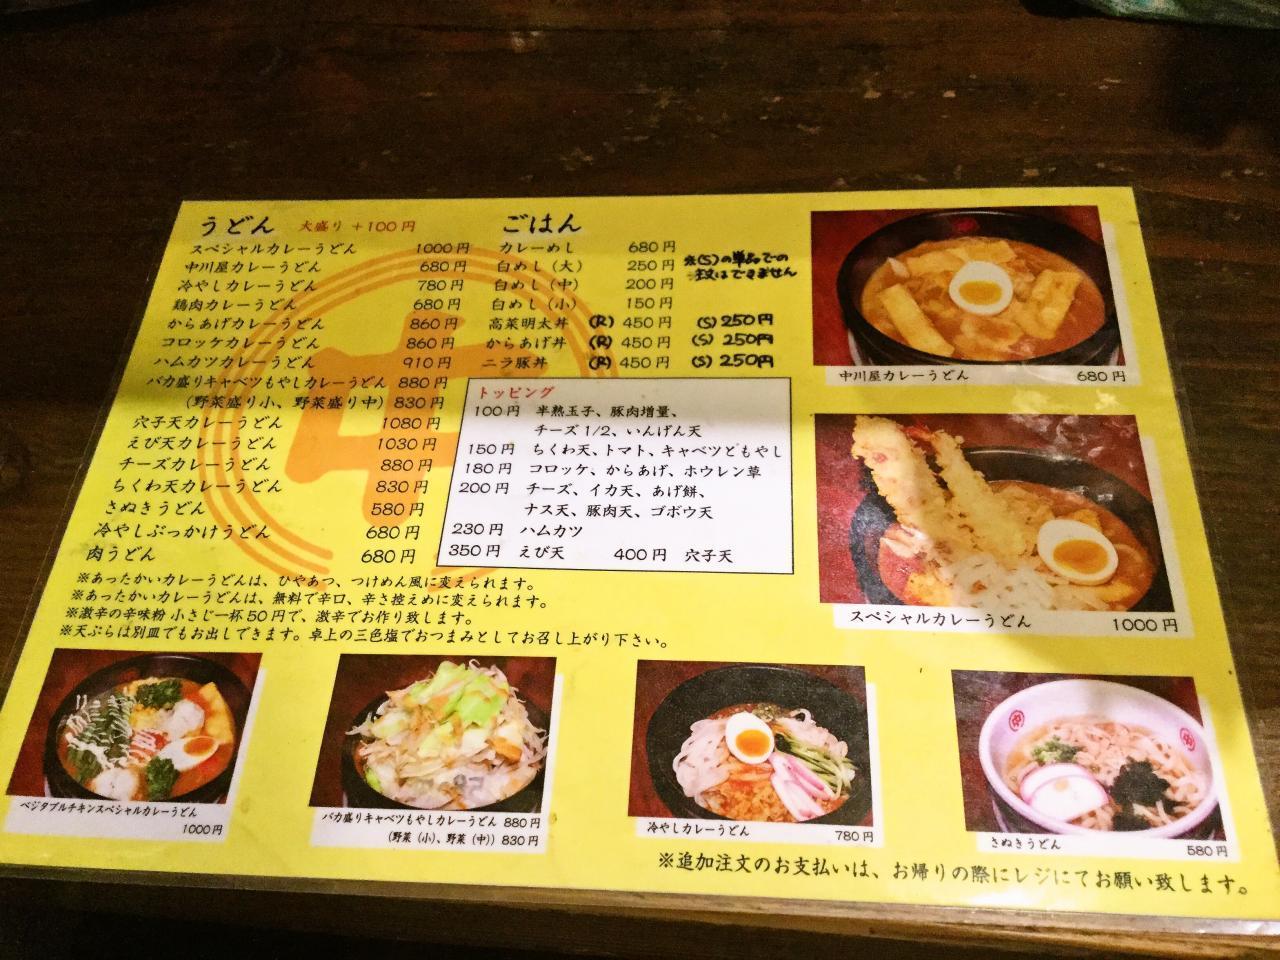 中川屋カレーうどん 駒沢大学店(メニュー)